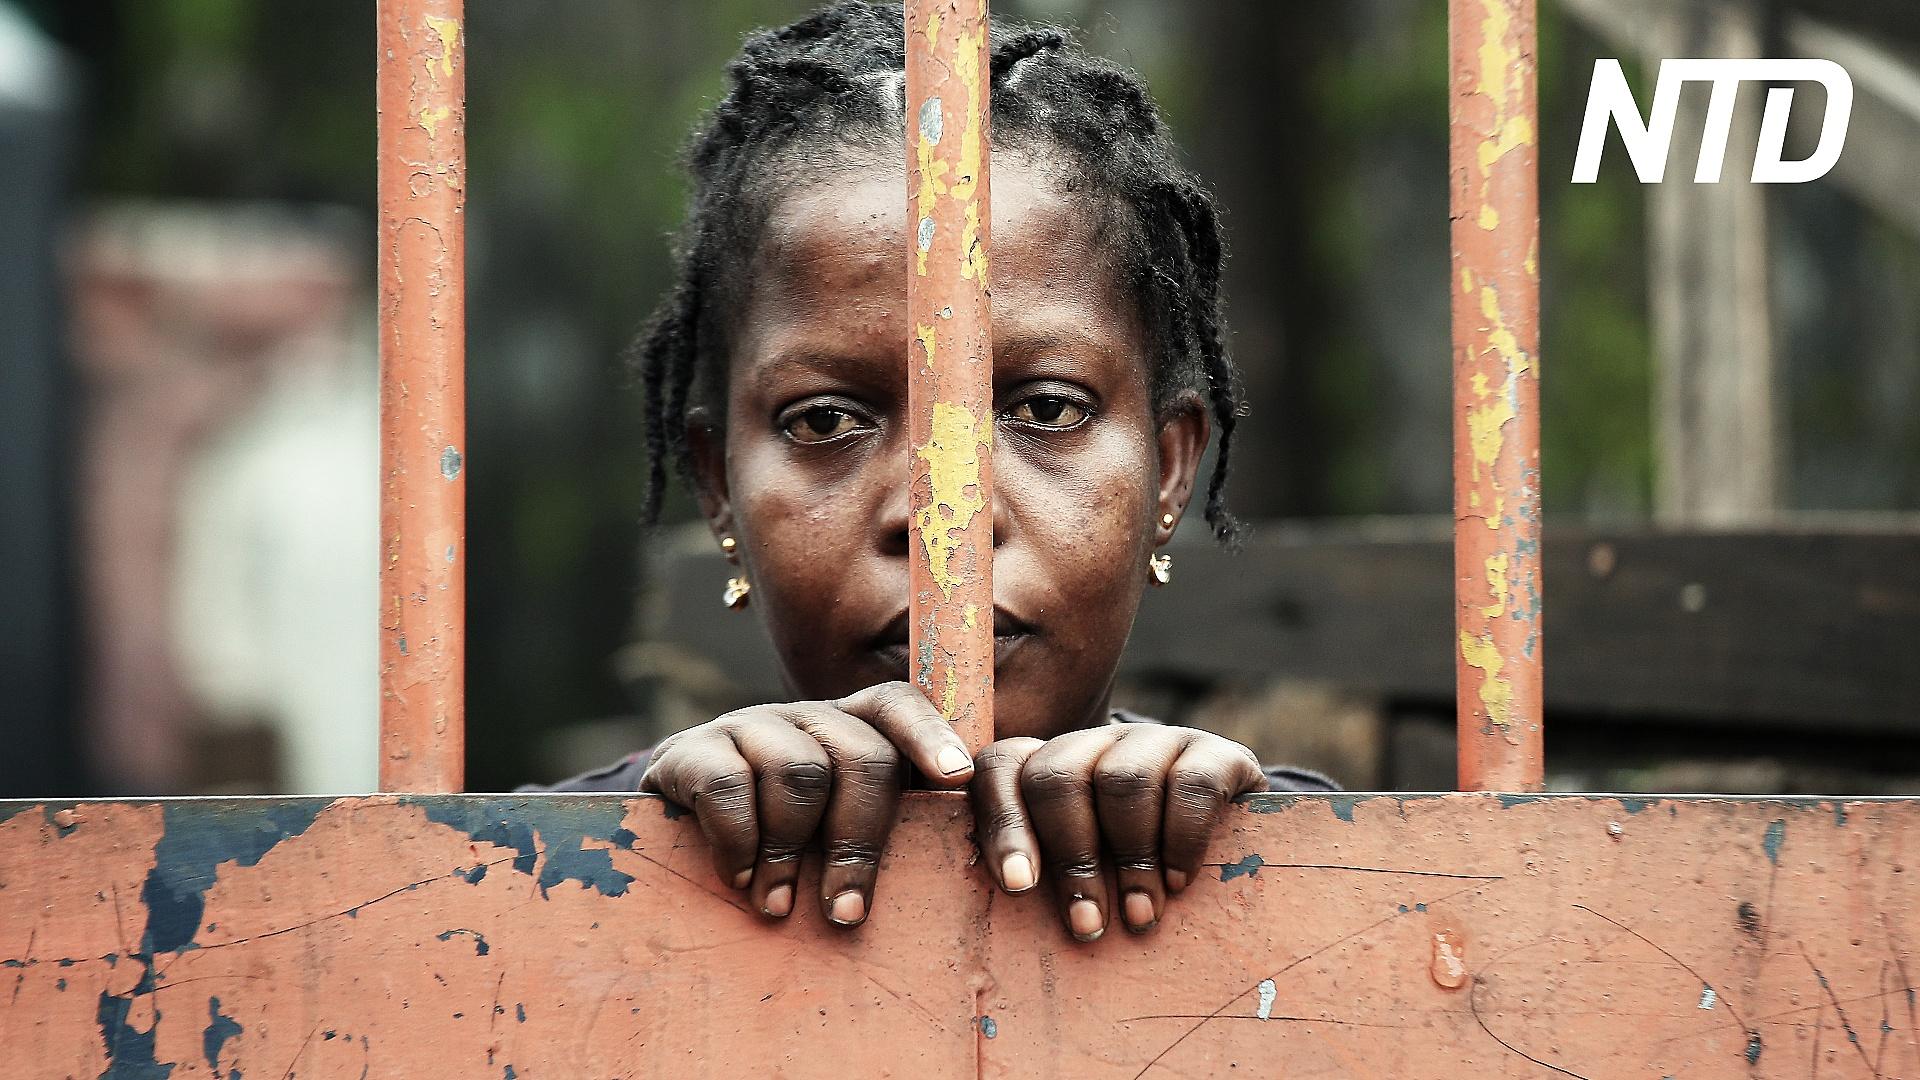 Кот-д'Ивуар: первый случай Эболы за 25 лет